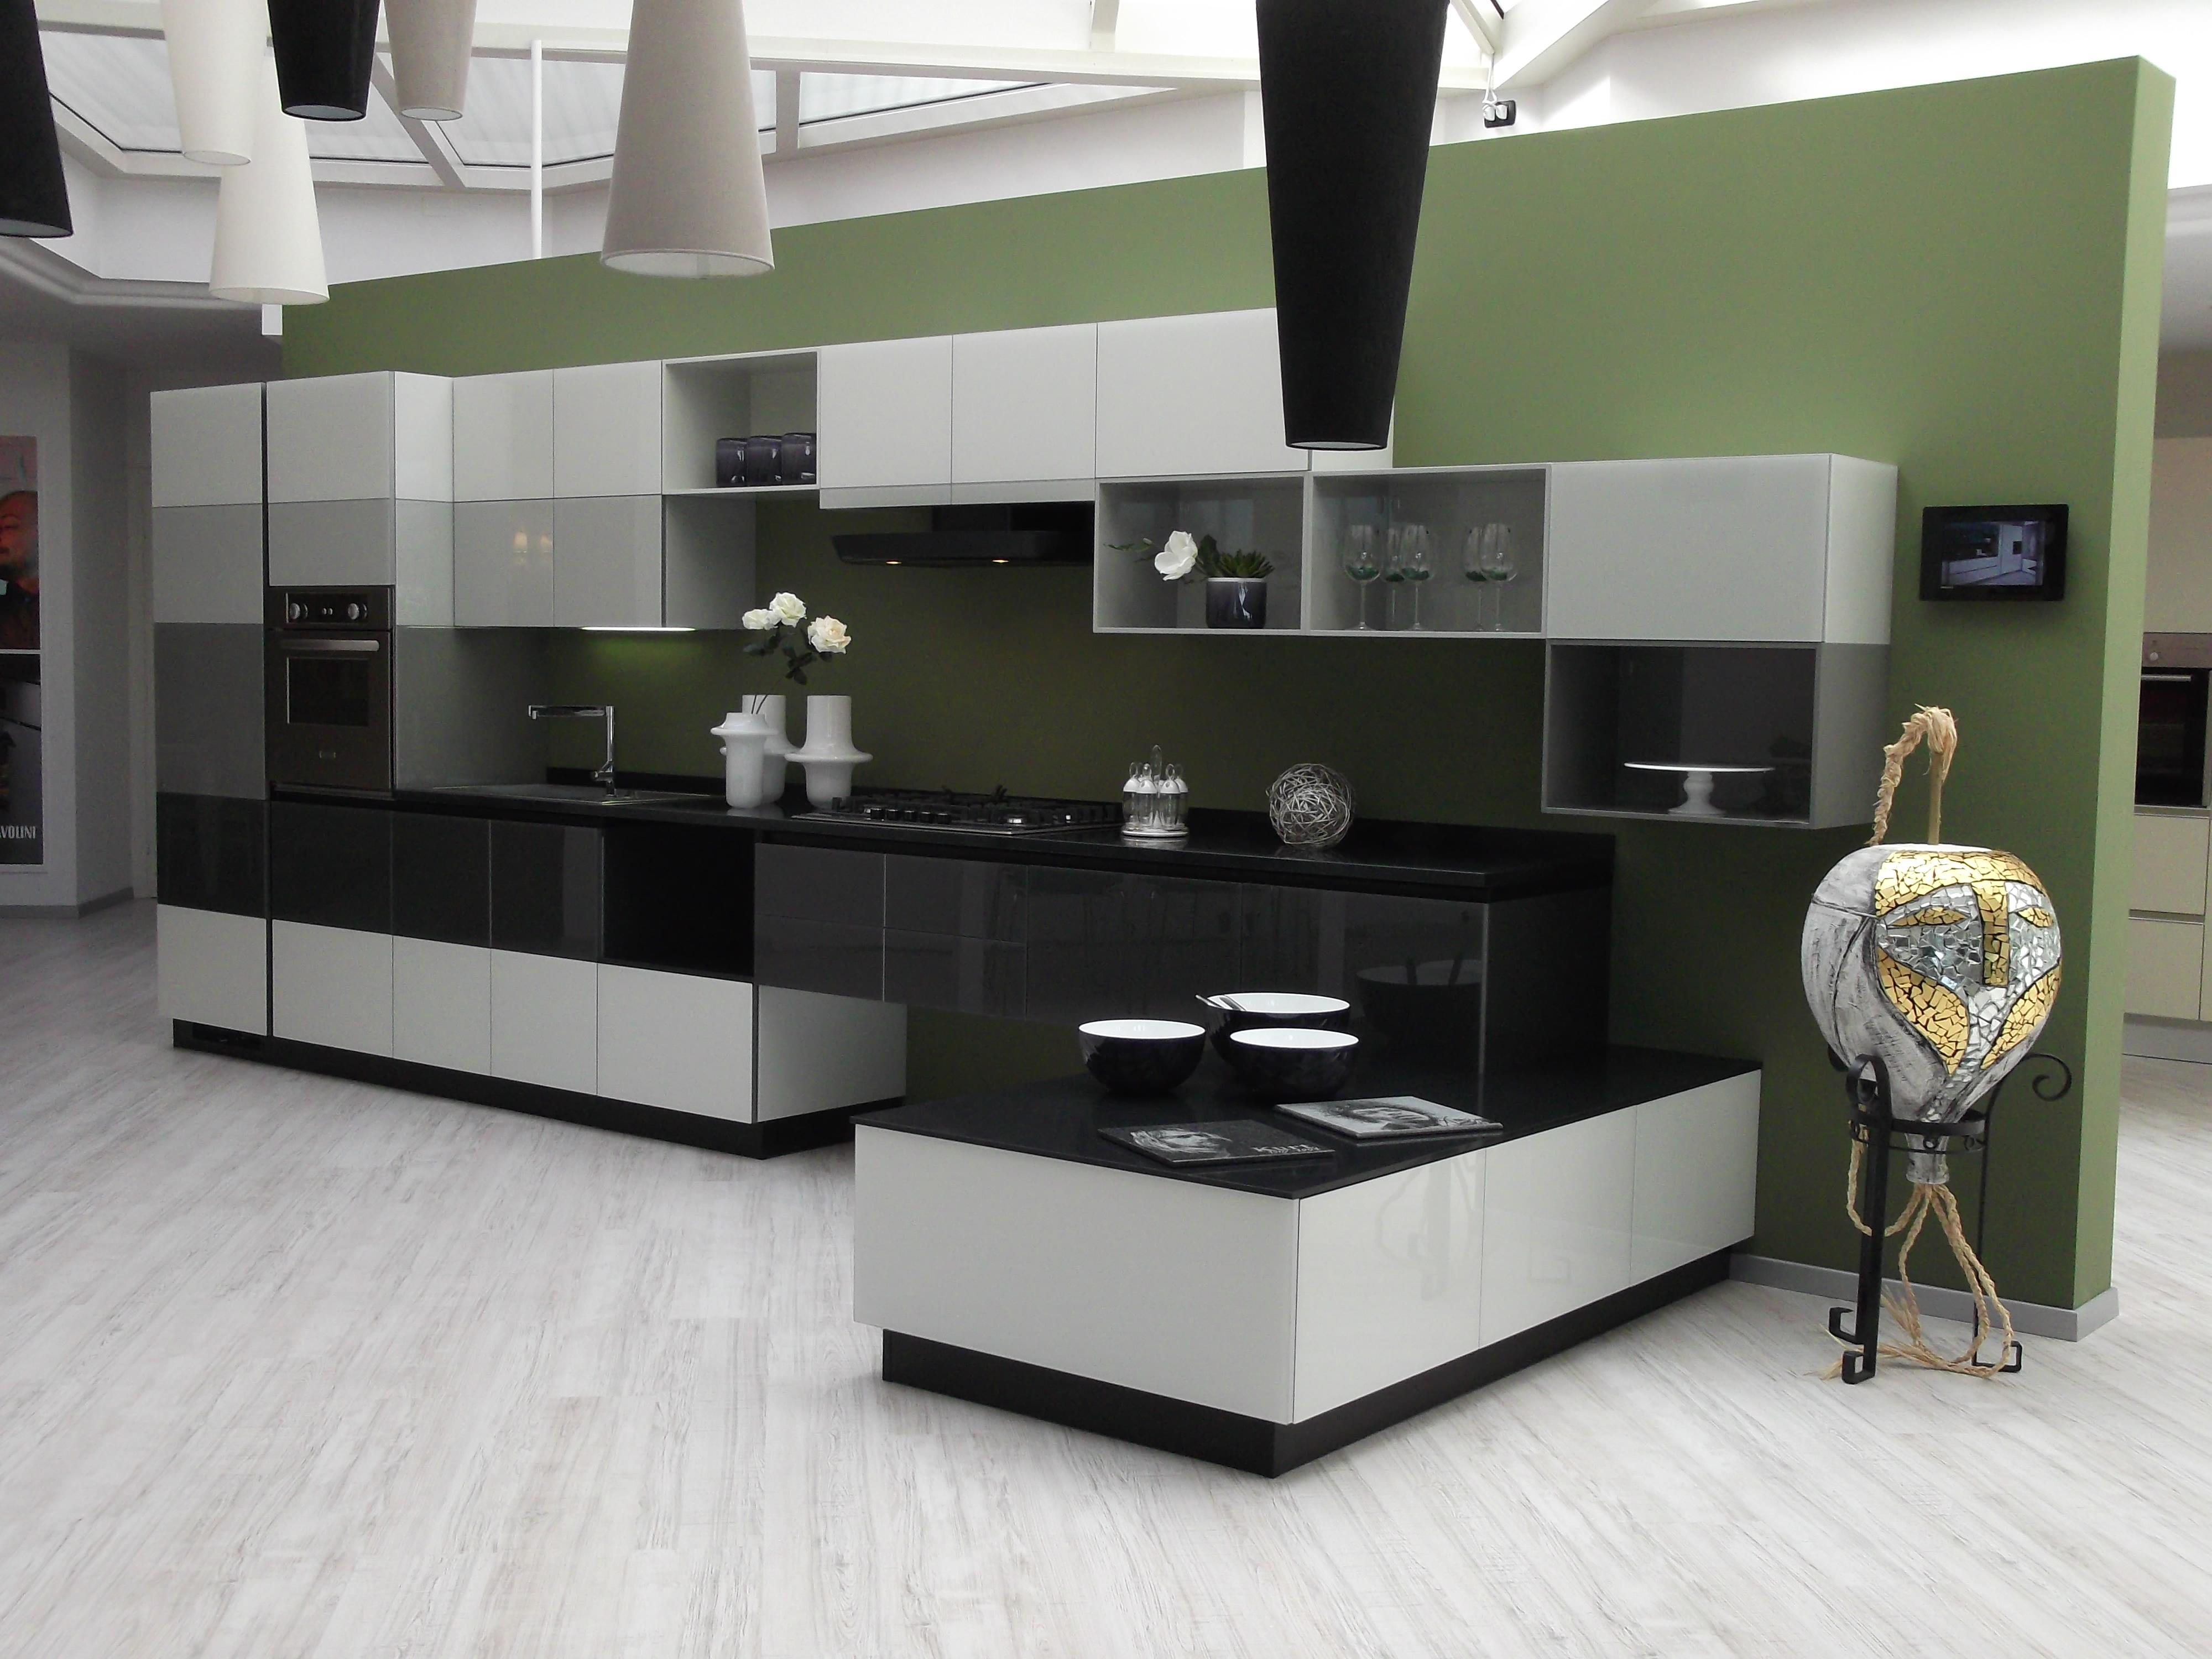 Cucina tetrix scavolini promo cucine a prezzi scontati for Scavolini prezzi